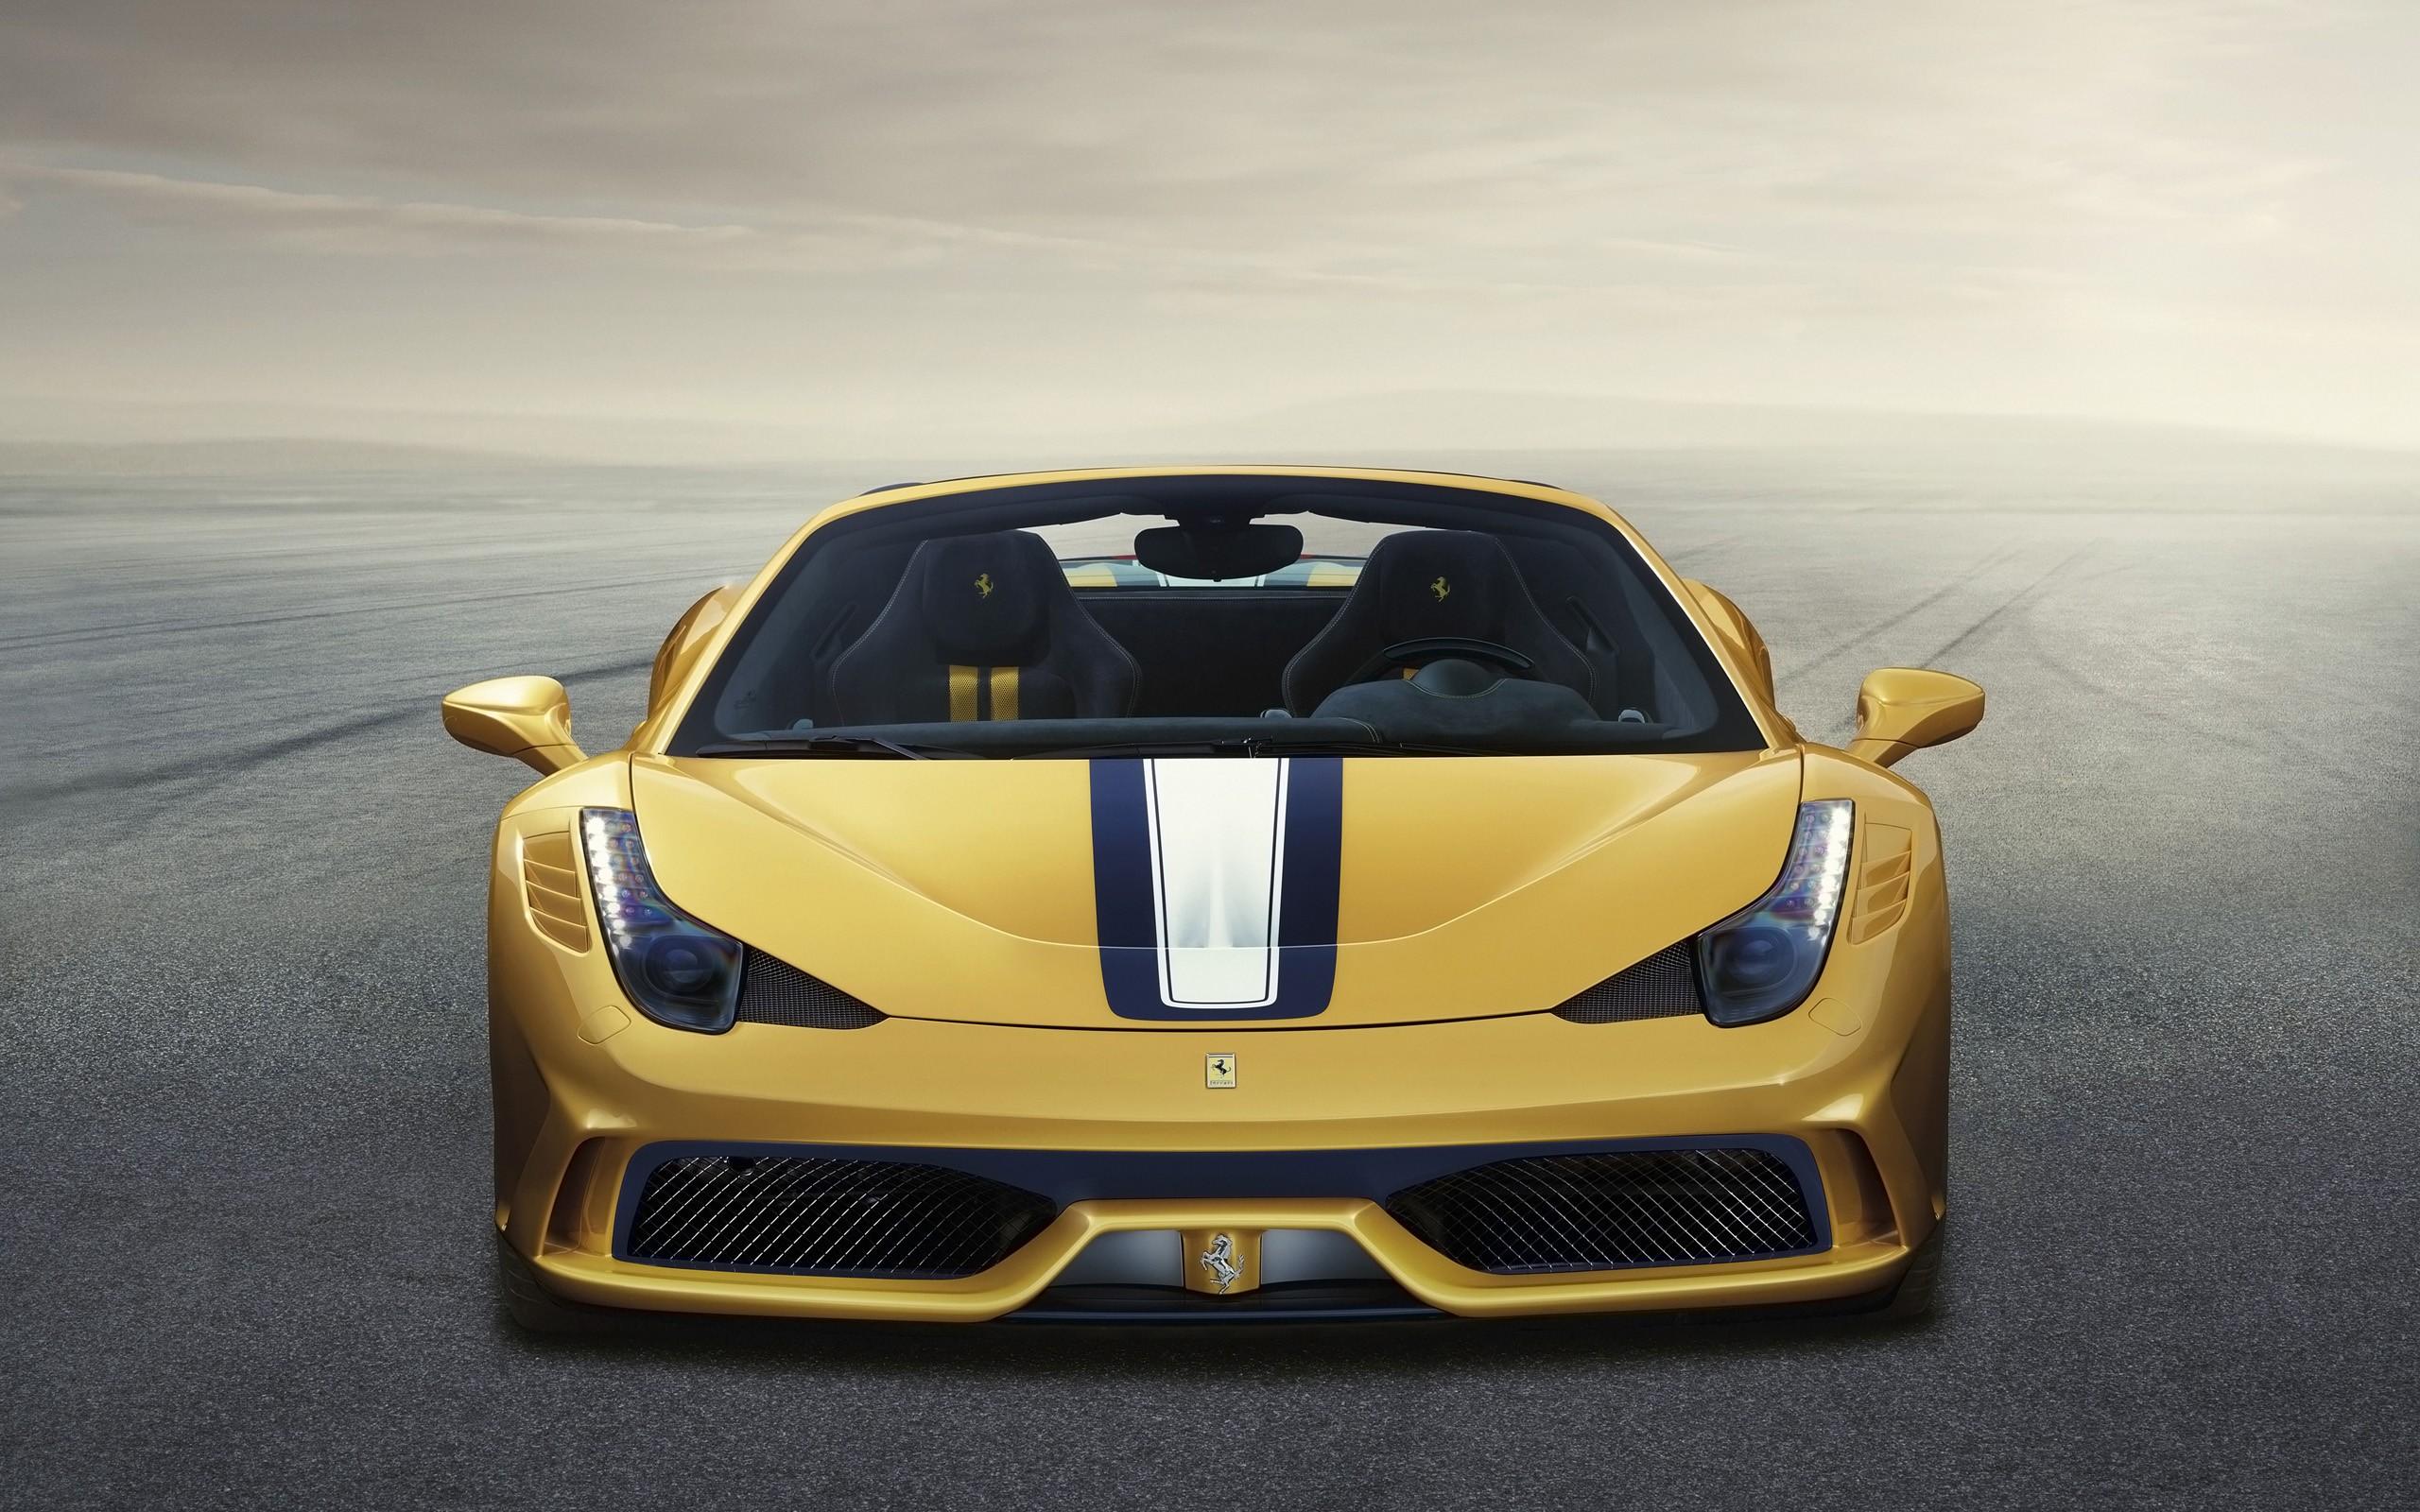 Ferrari 458 Speciale Hd Wallpaper 2015 Ferrari 458 Speciale A Wallpaper Hd Car Wallpapers